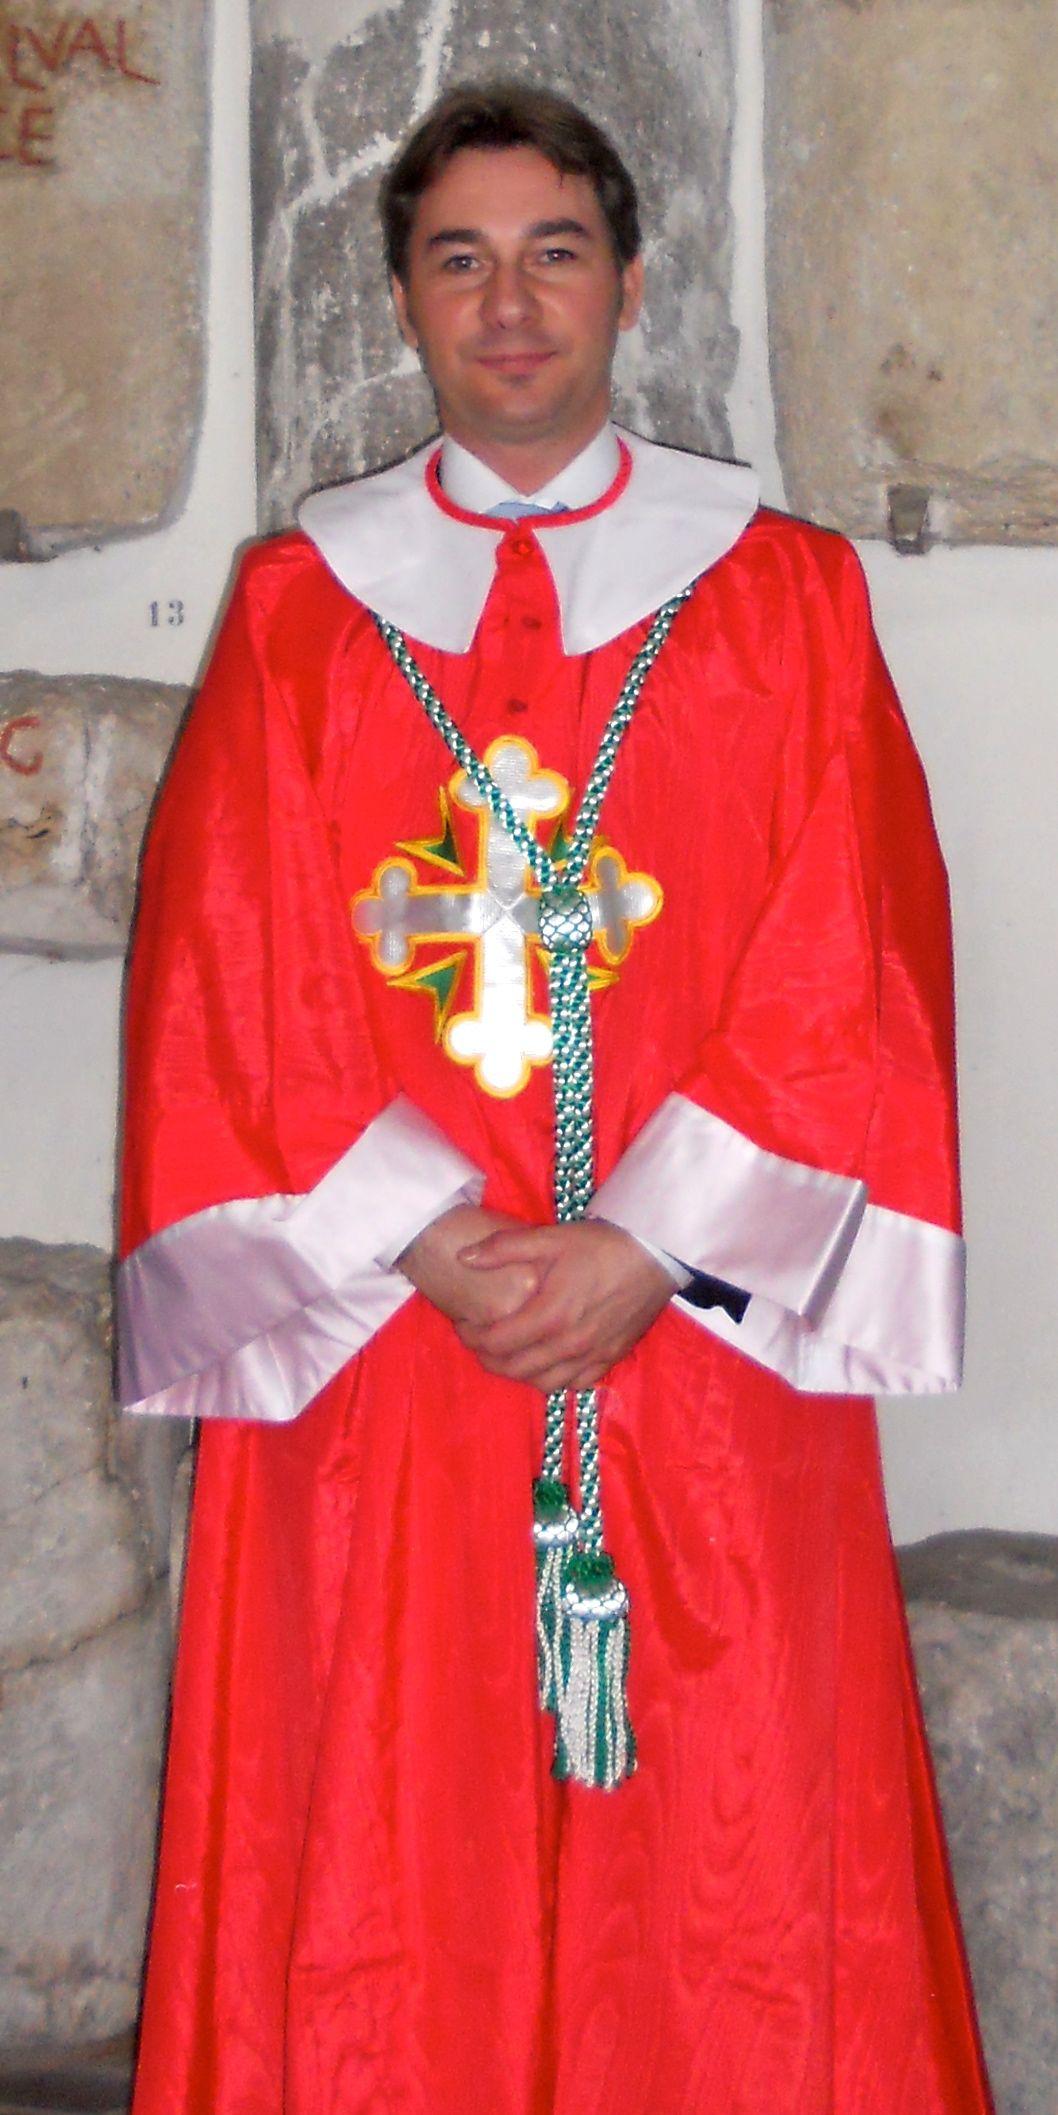 Ordine Santi Maurizio e Lazzaro Savoia